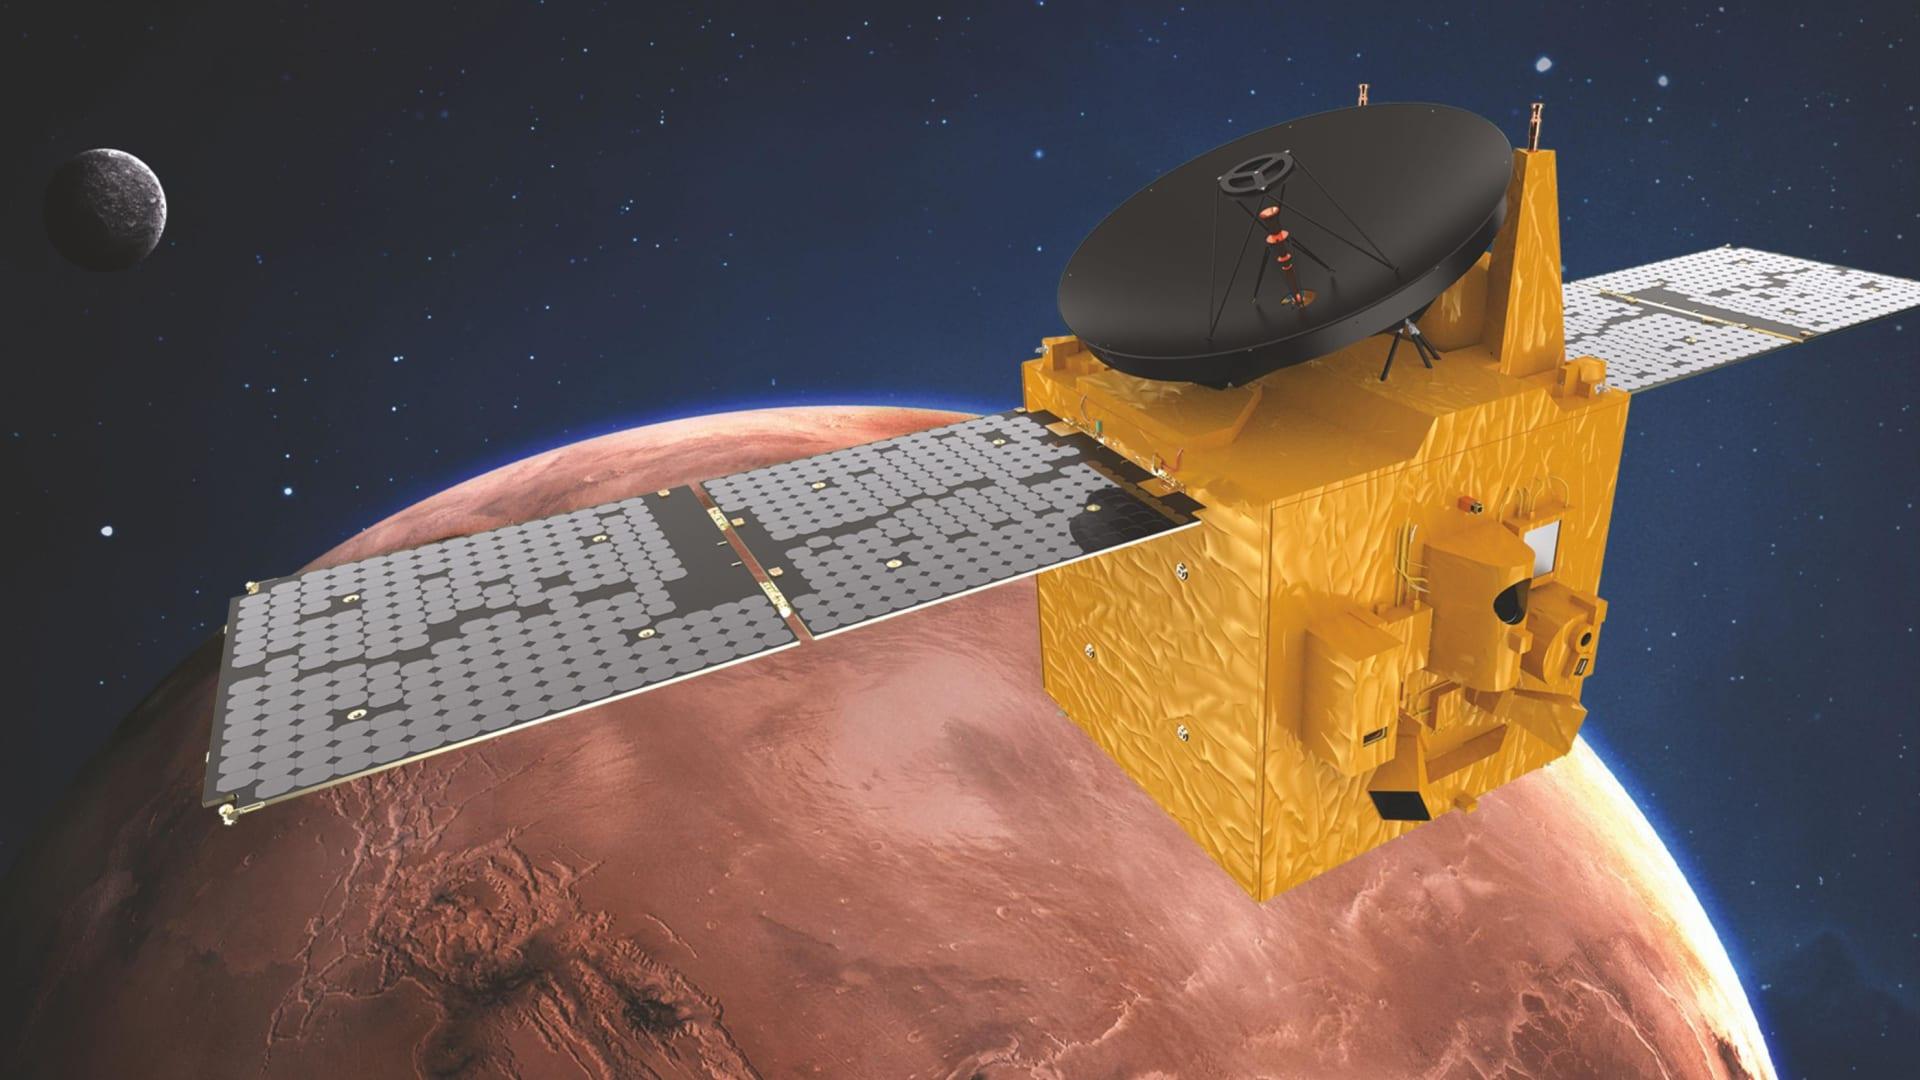 """""""المريخ ليس الهدف الرئيسي"""".. مدير مشروع الإمارات لاستكشاف المريخ يشرح الأهمية وراء نجاح المشروع"""